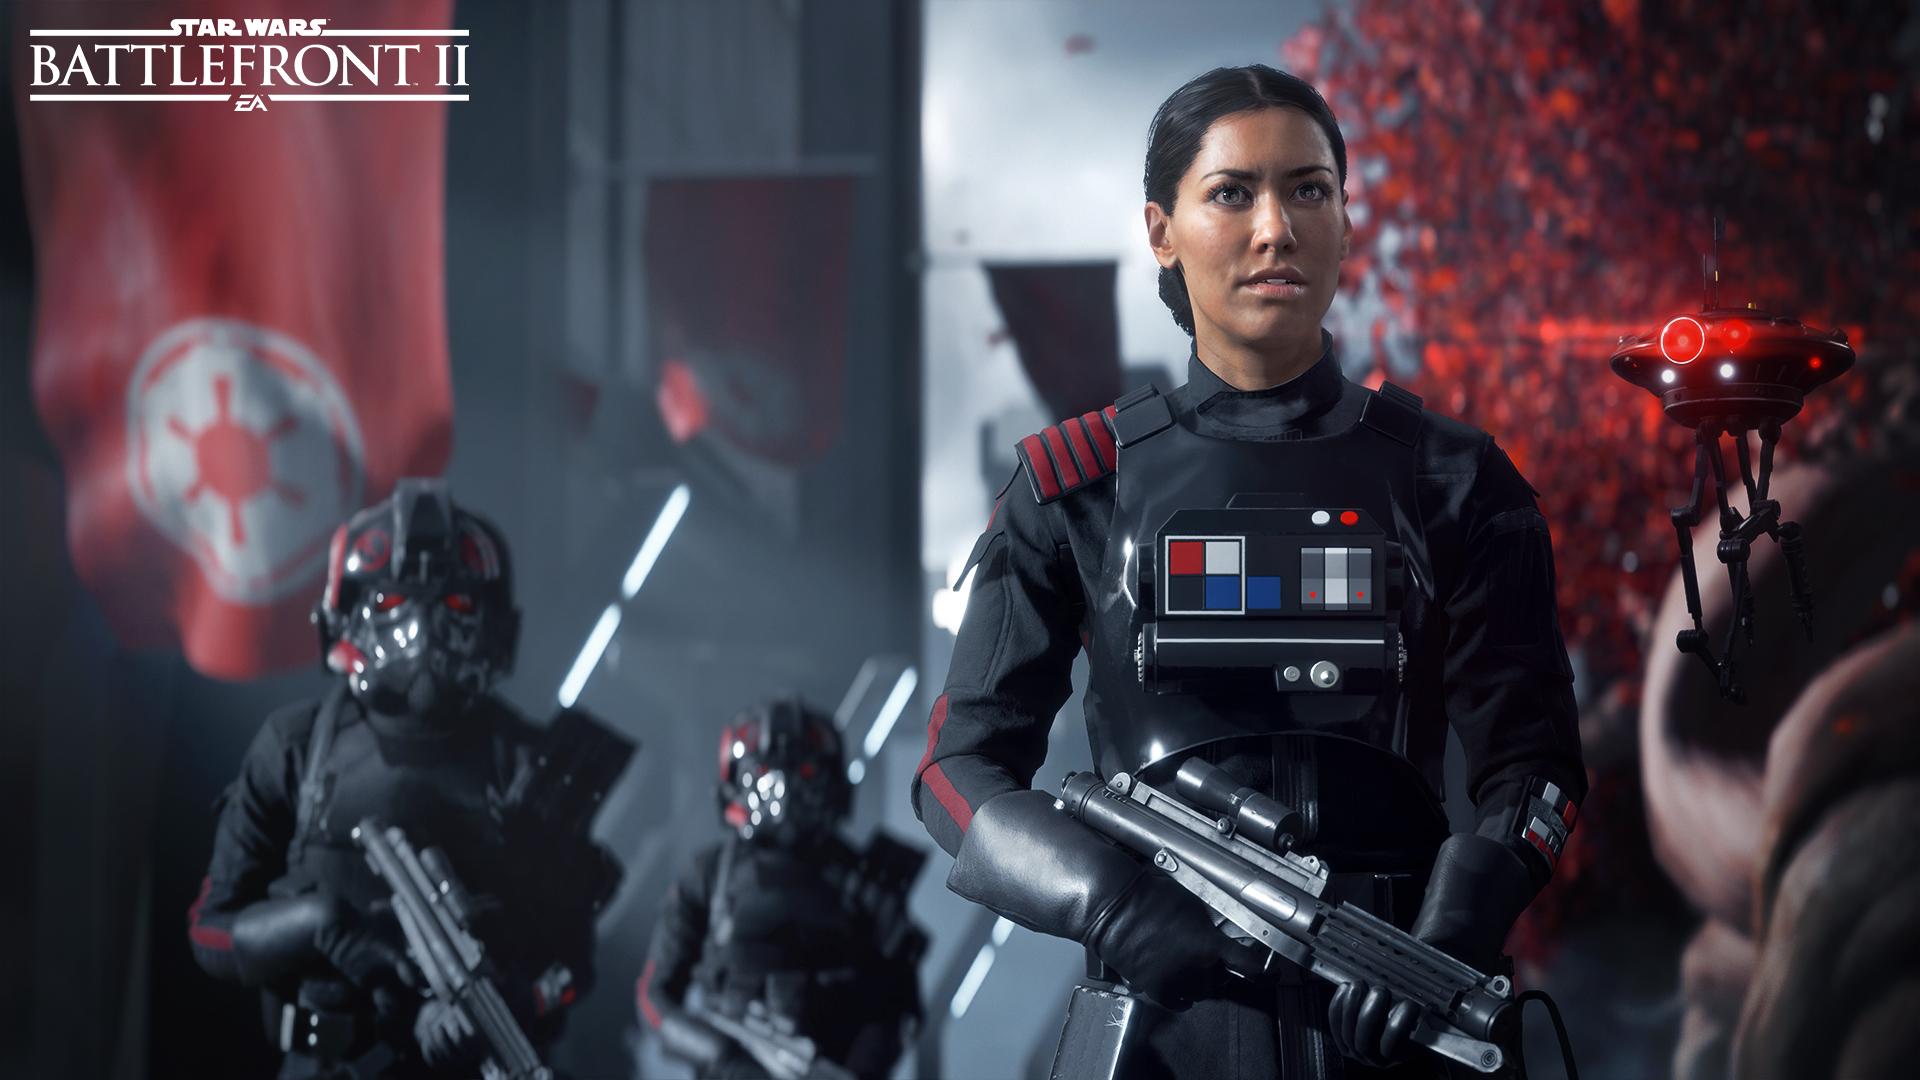 První trailer láká na Star Wars: Battlefront 2, hra vyjde 17. listopadu 142264